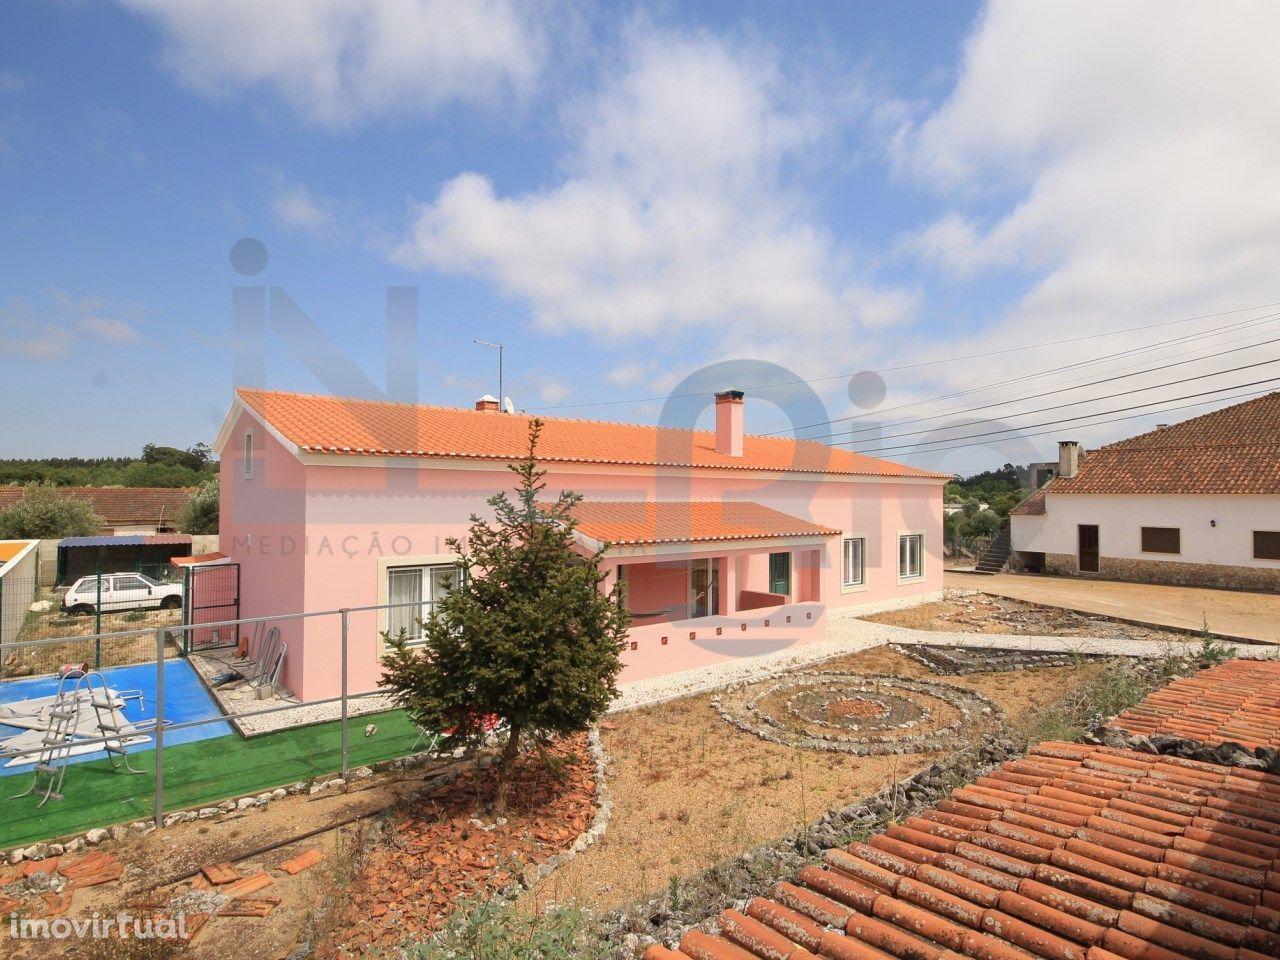 Moradia T3 - Rio Maior - Térrea - Jardim - Garagem - Sótão